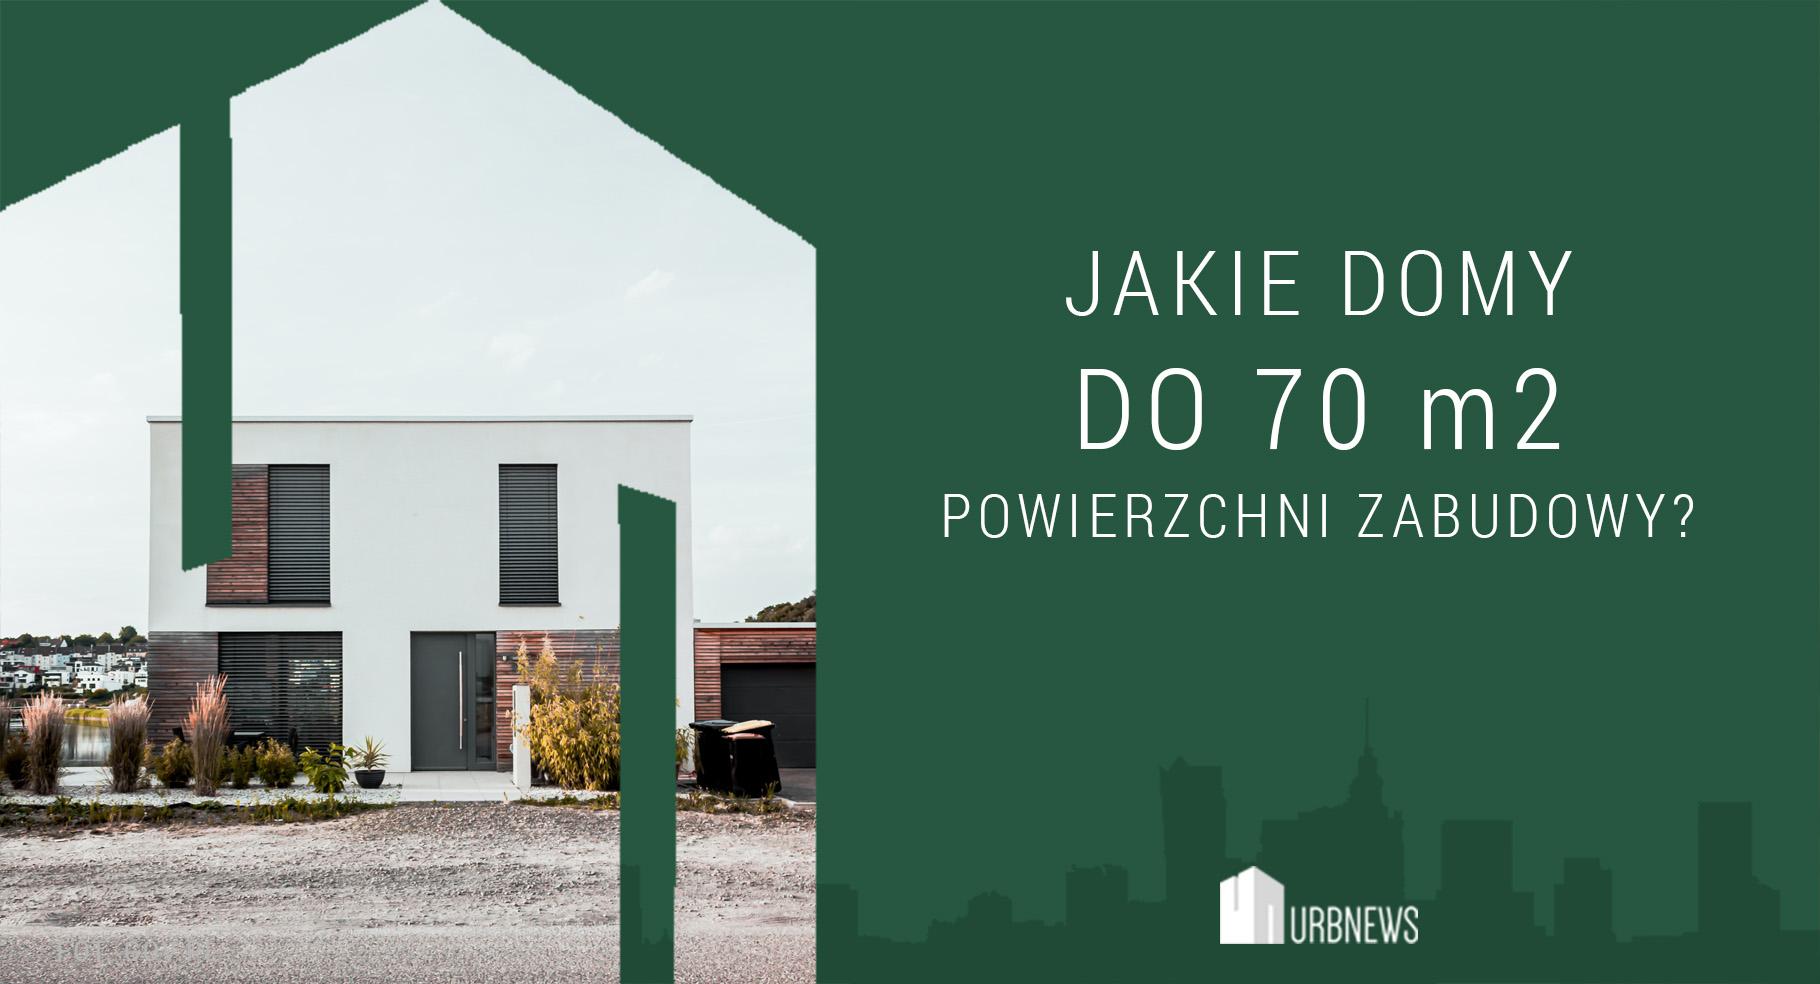 210929 Domydo70m2